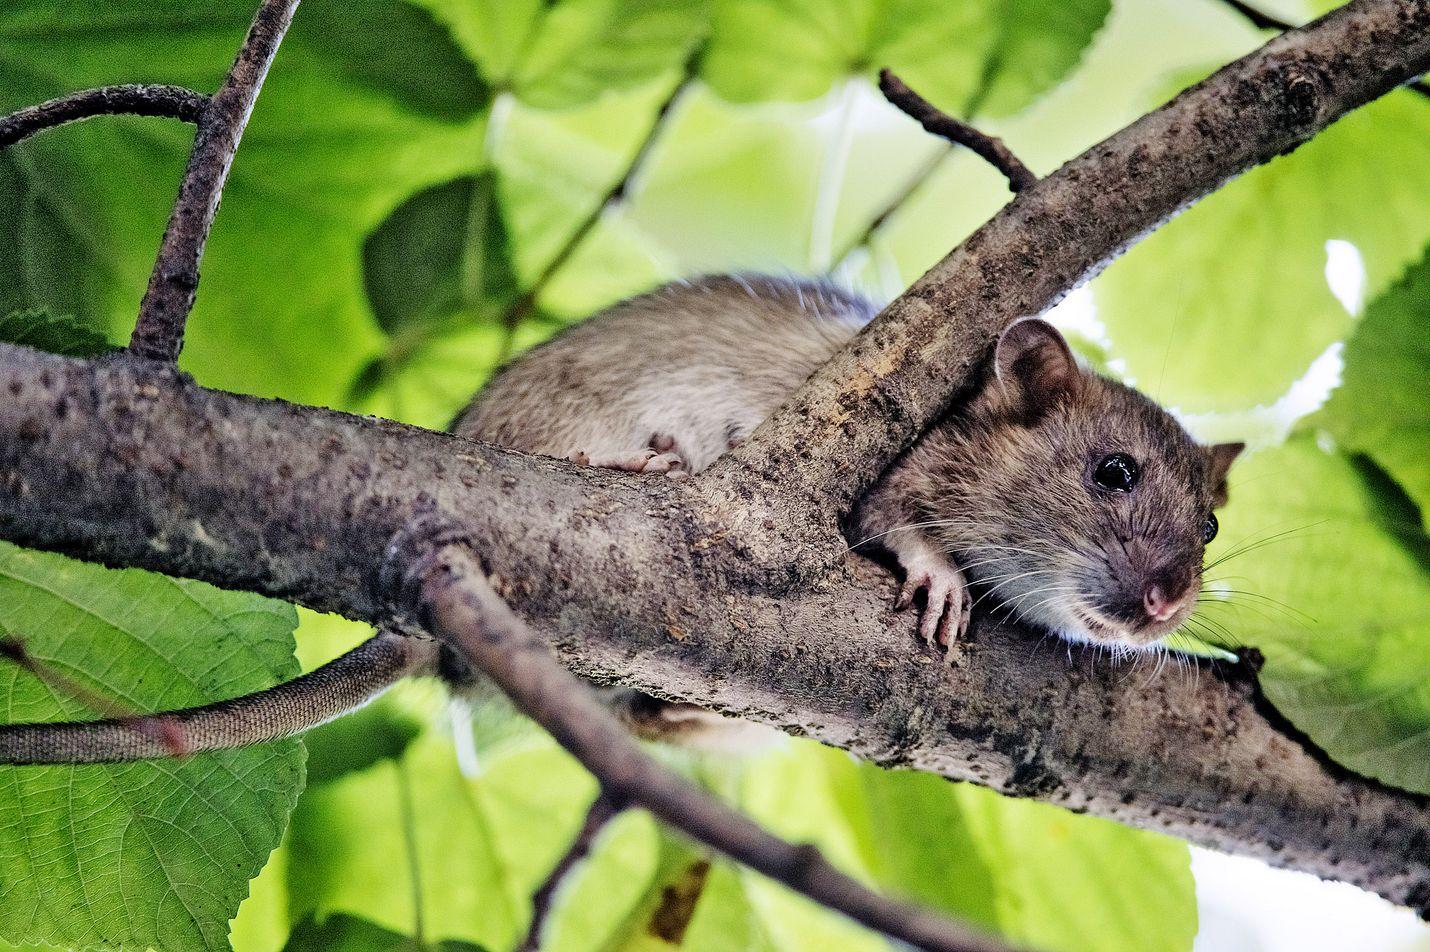 Rottia saattaa keväällä ja kesällä olla huomattavasti enemmän kuin yleensä. Jyrsijöiden määrään ja liikkeisiin vaikuttaa leudon talven ohella koronavirustilanne sekä sen kehittyminen. Tuhoja on odotettavissa myös paikoissa, joissa niiltä on yleensä vältytty.